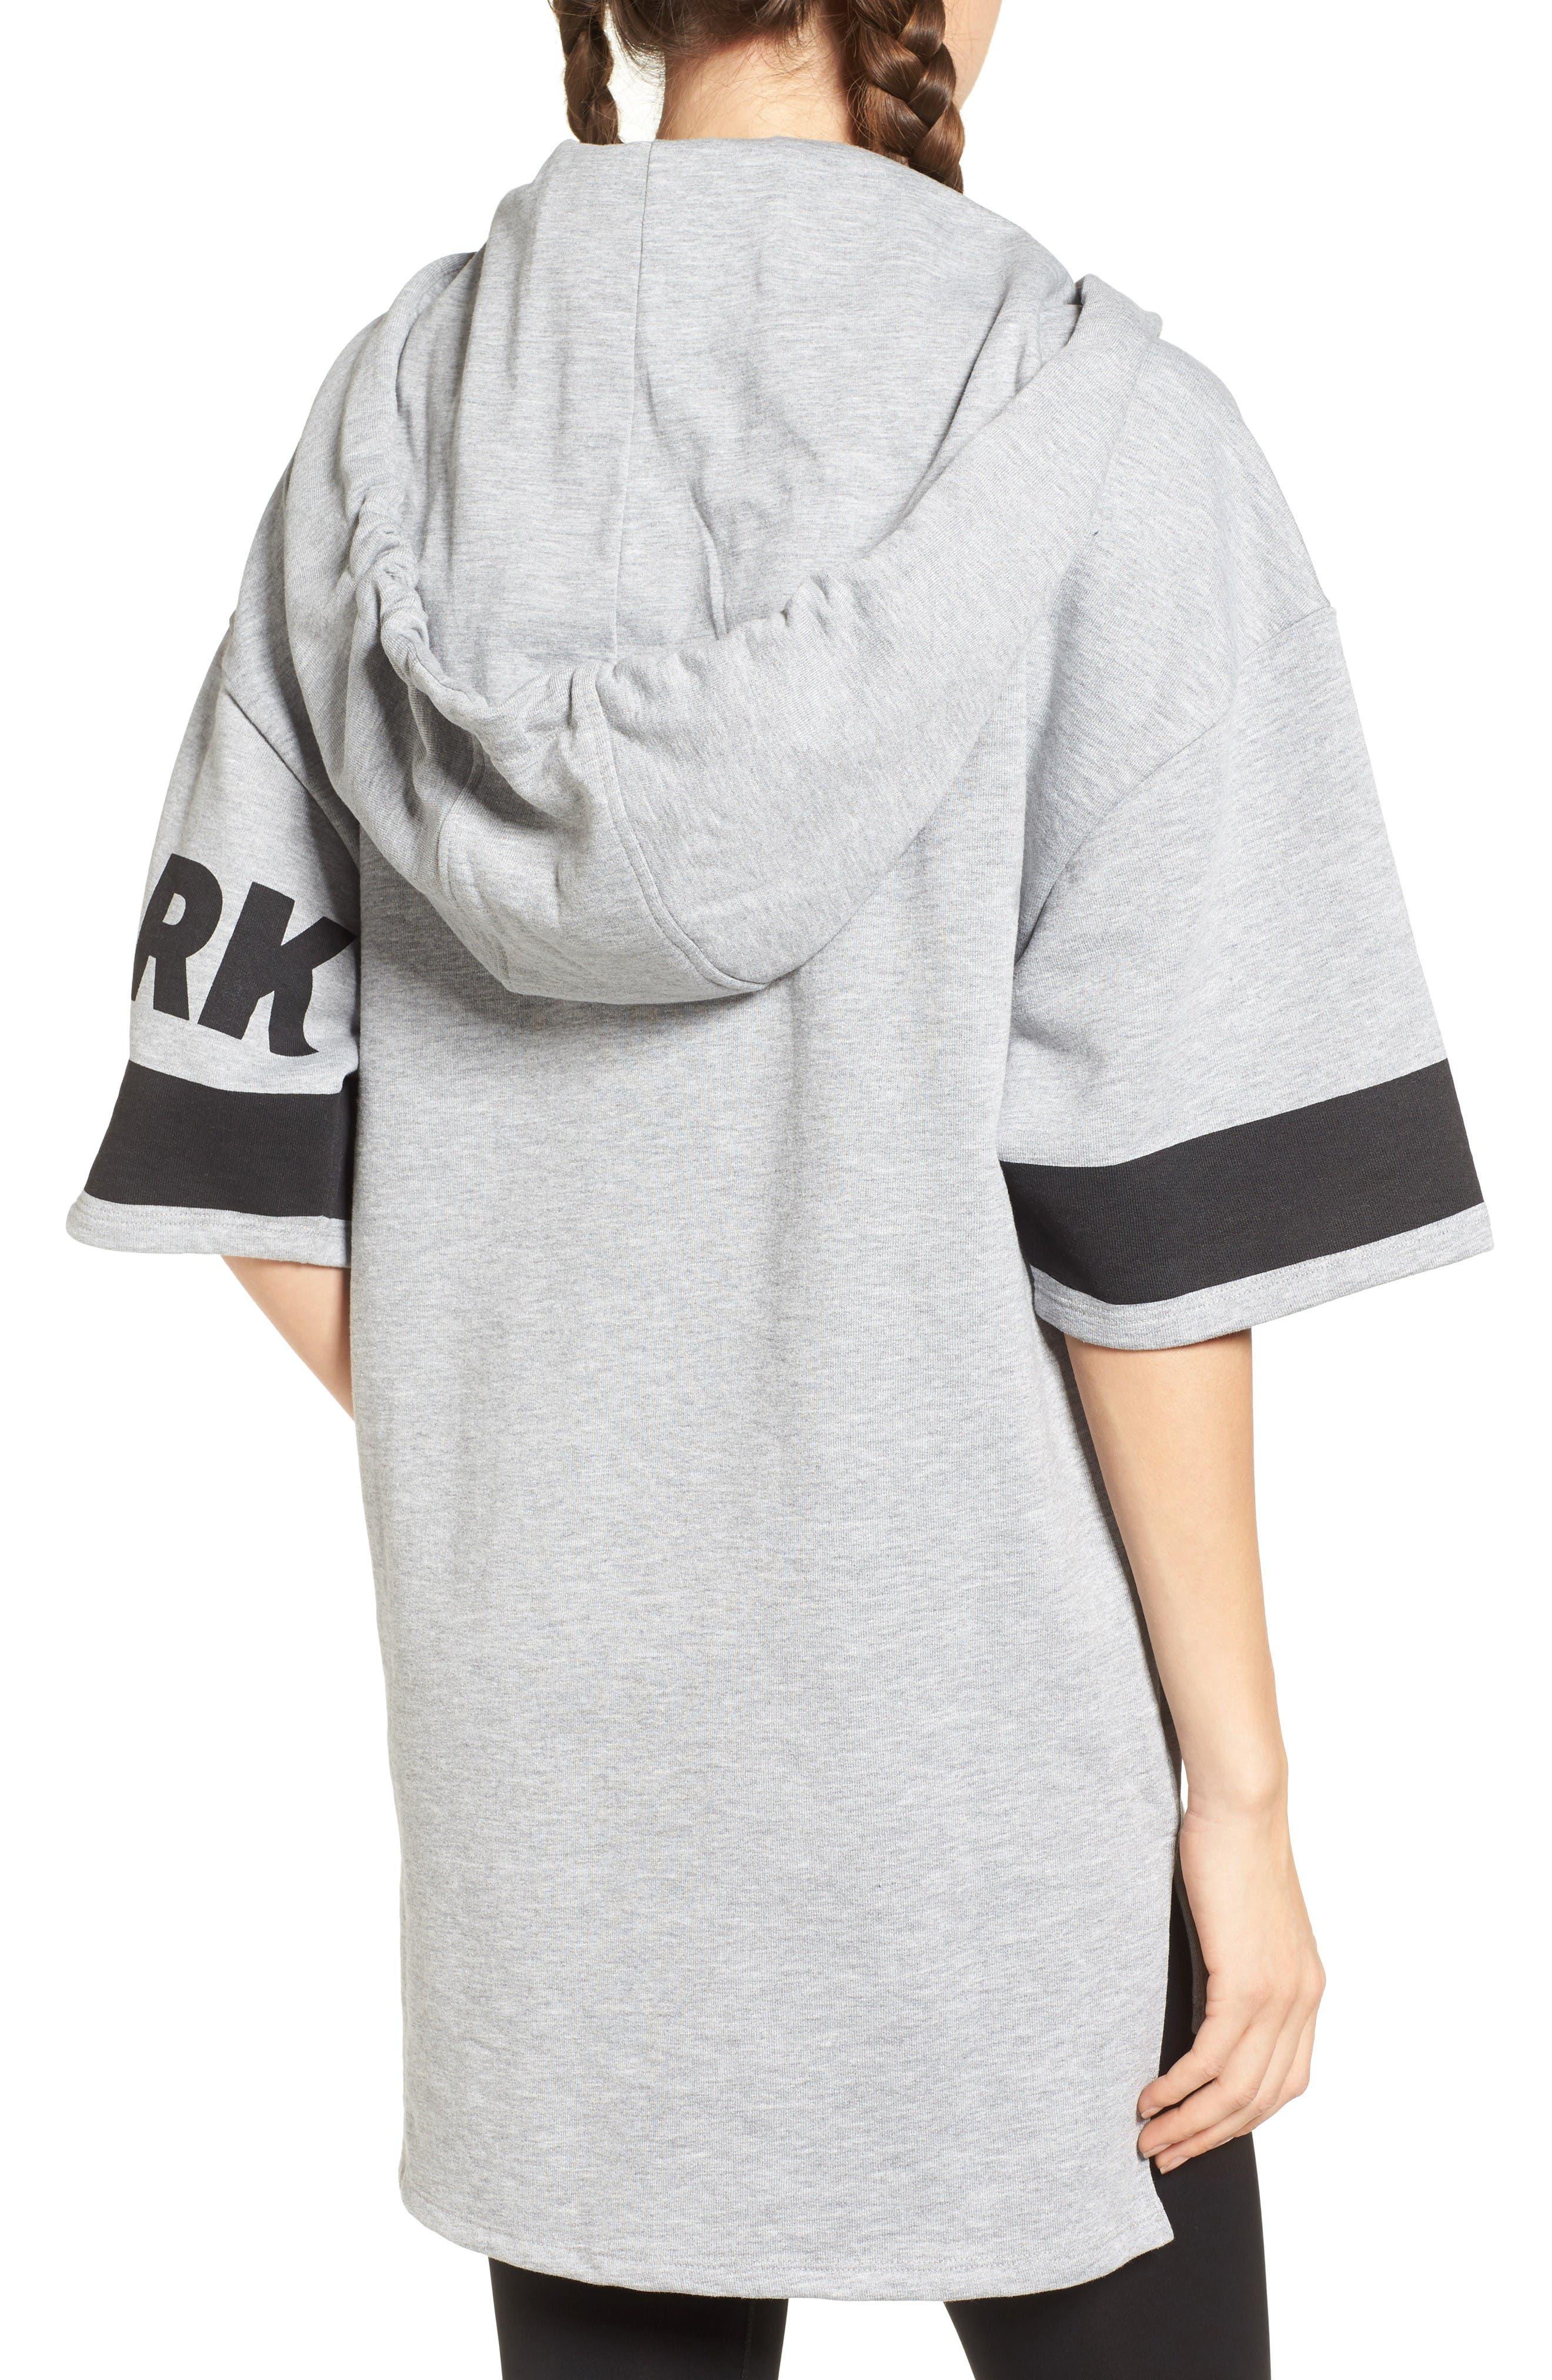 Alternate Image 2  - IVY PARK® Logo Sleeve Hoodie